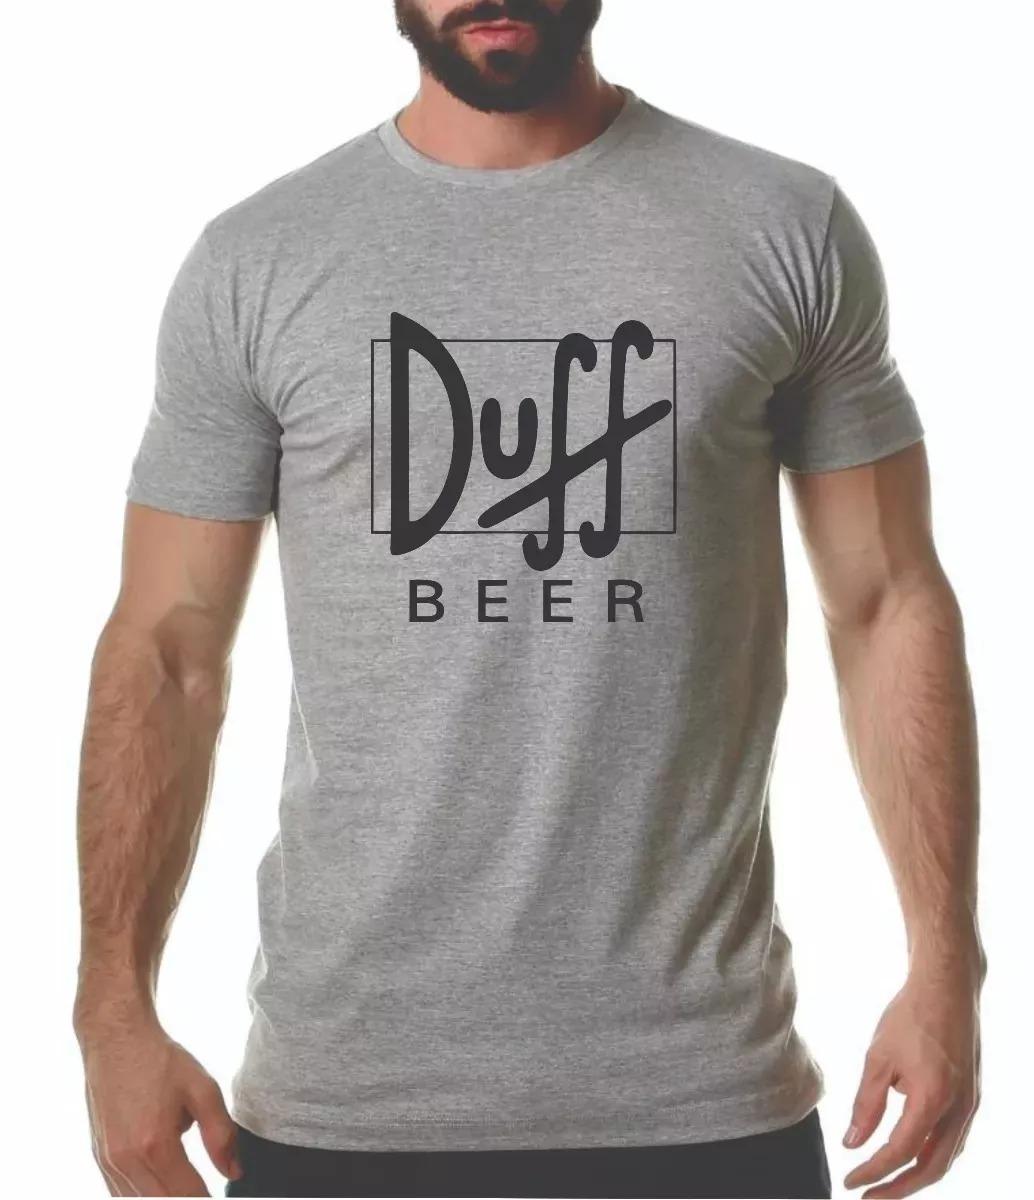 a9b912a92 camiseta masculina duff homer simpson duff beer promoção. Carregando zoom.